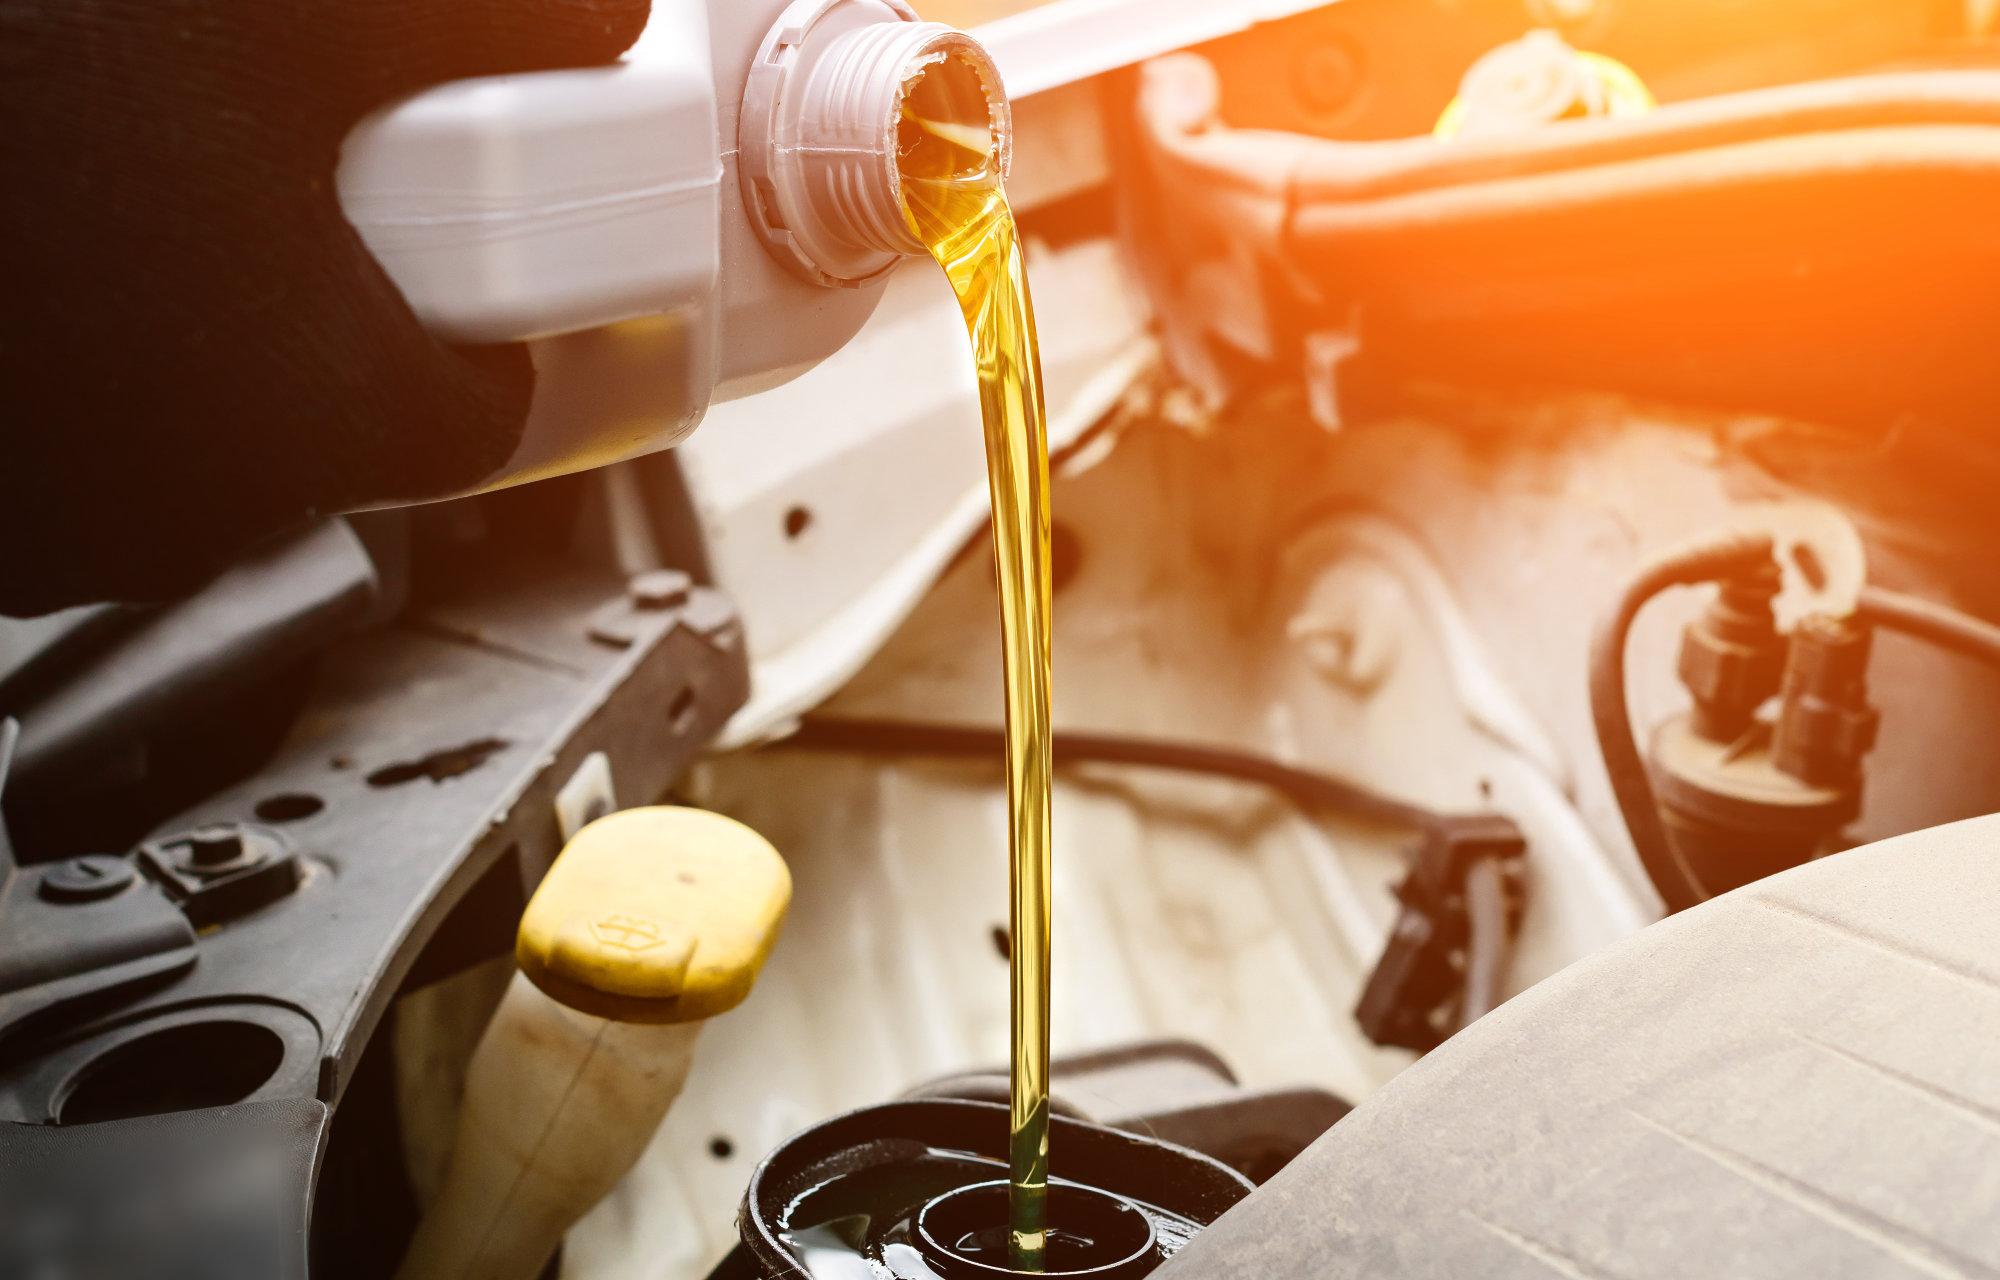 Sjekk oljen til bilen